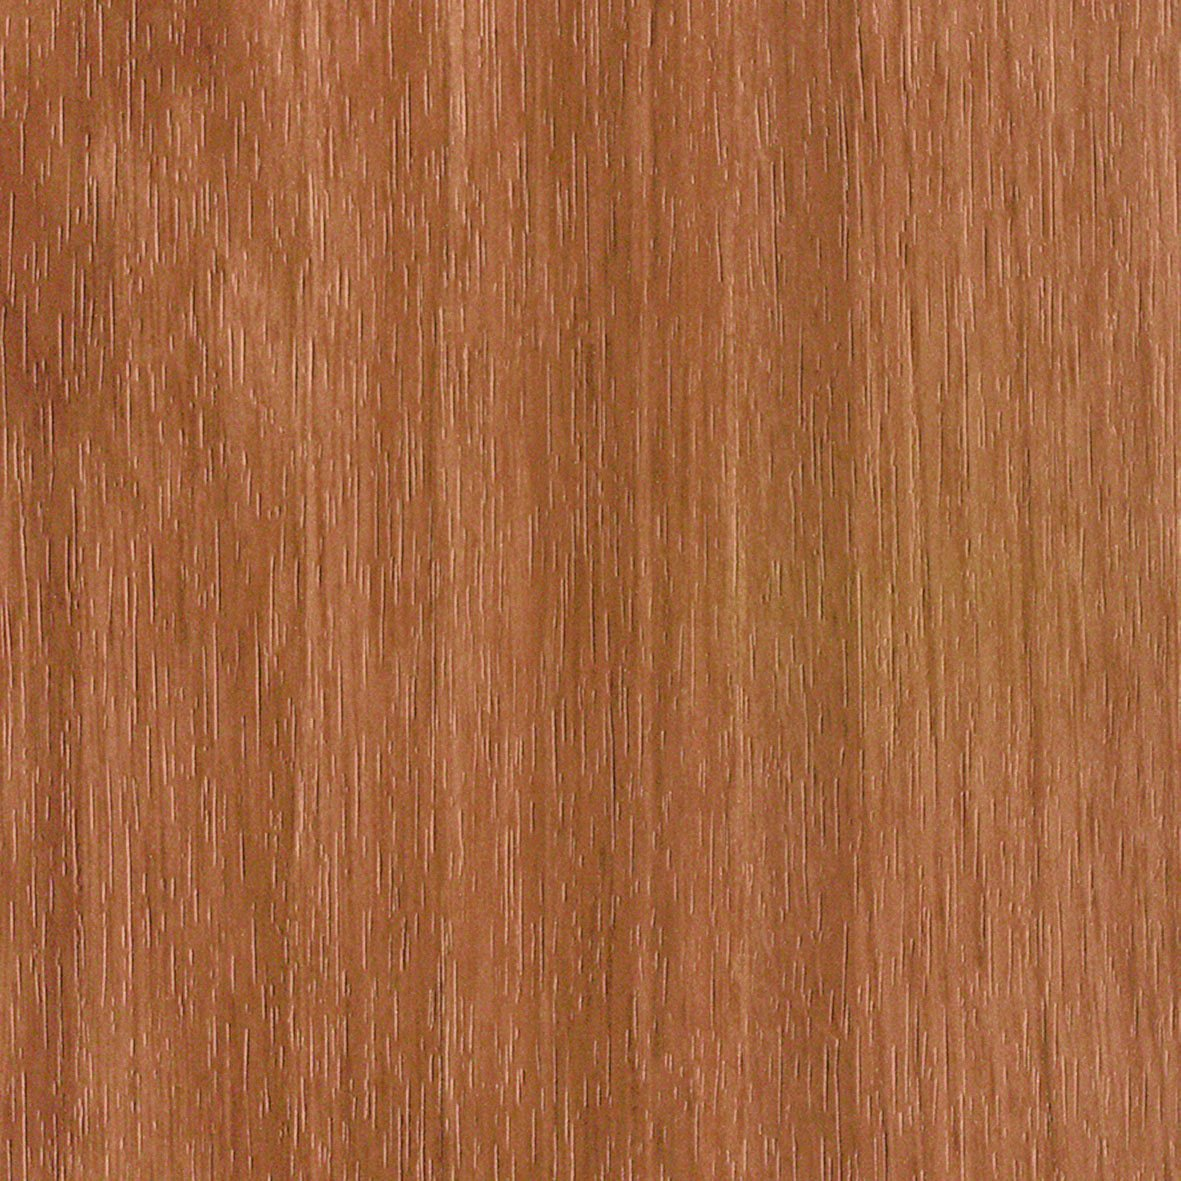 リリカラ 壁紙19m ナチュラル 木目調 ブラウン LL-8793 B01N3KVTO6 19m